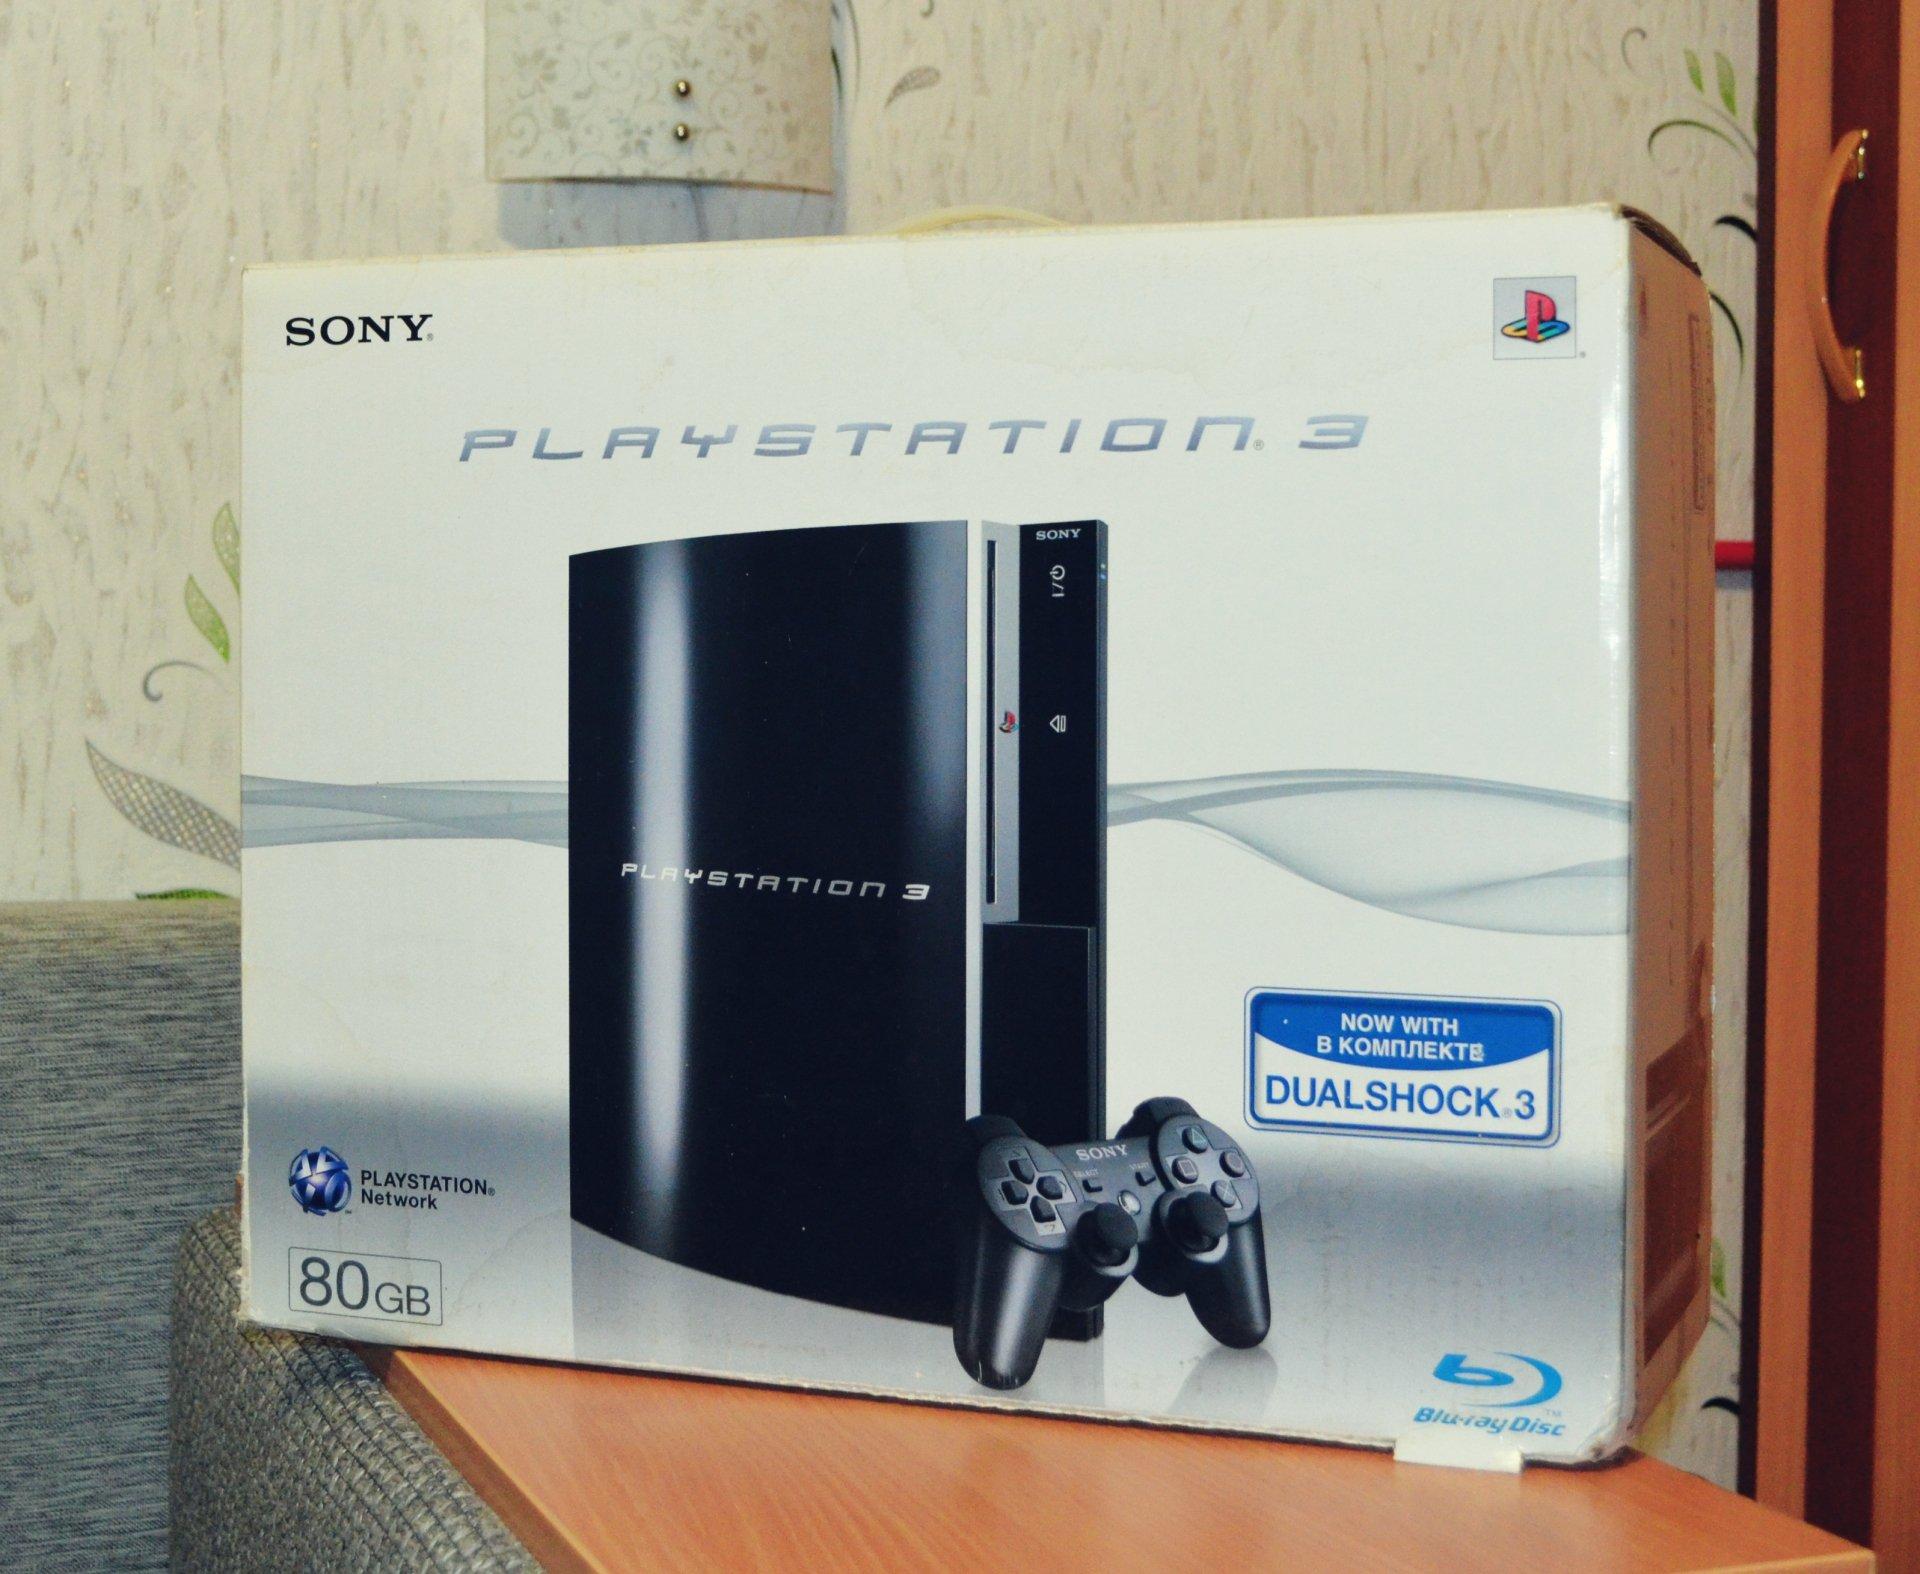 Моя история Playstation (конкурс на юбилейную PS4) - Изображение 5